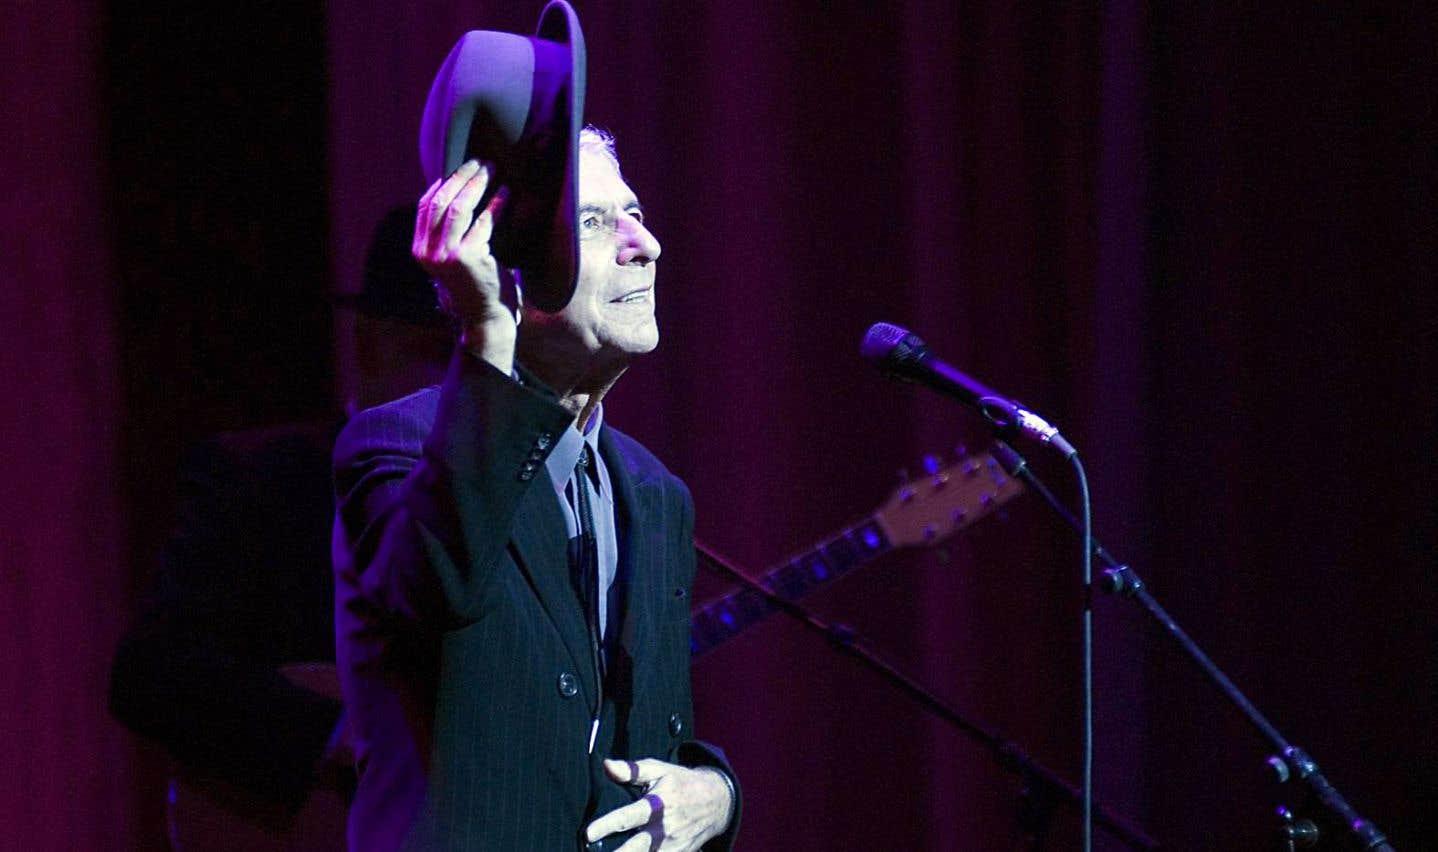 L'école d'été explorera les formes et les circonstances dans lesquelles apparaît l'«autre présence» à travers l'art de Leonard Cohen.